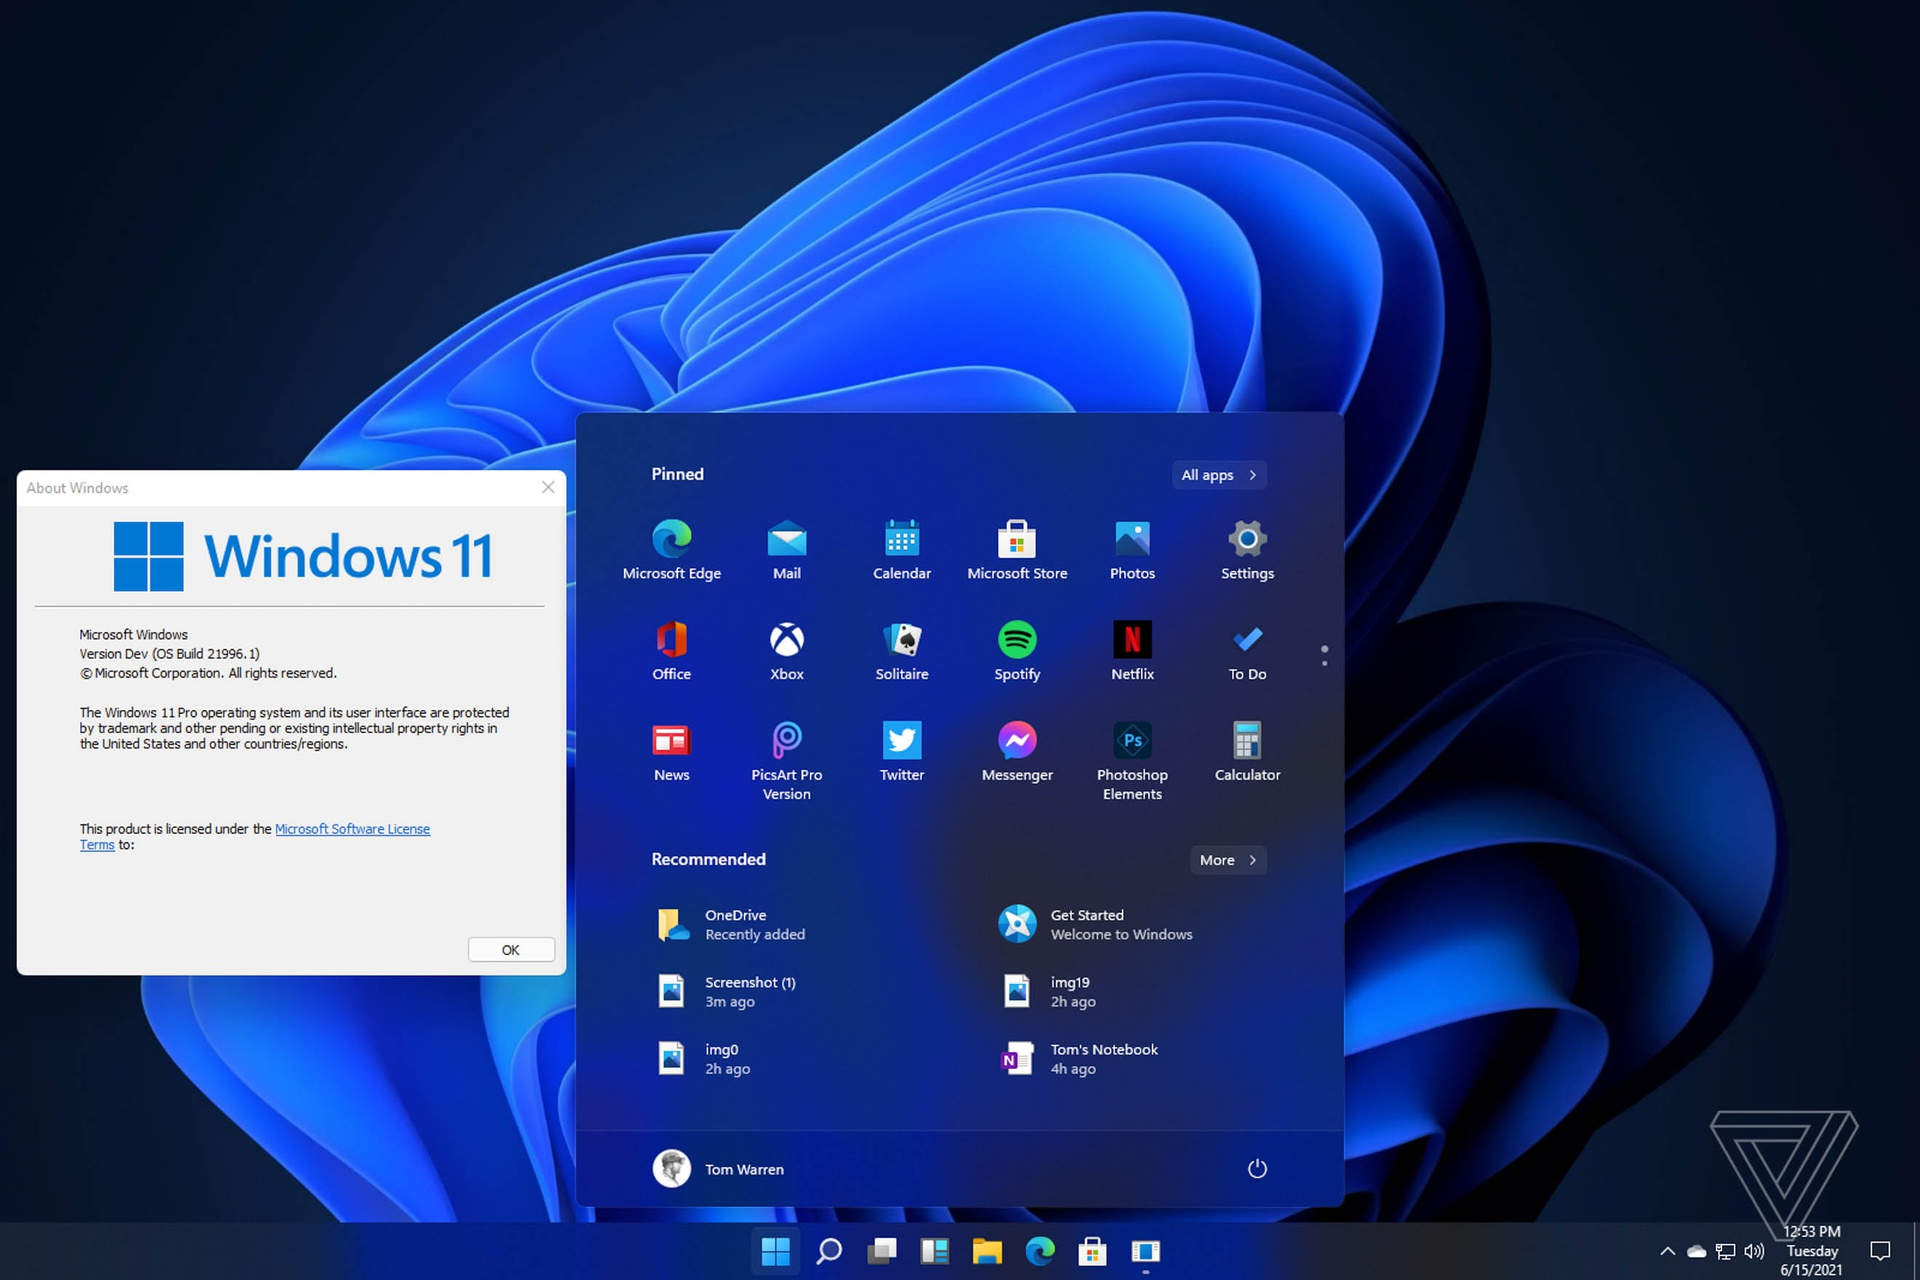 Hinh anh Windows 11 bi phat tan tren Internet anh 2